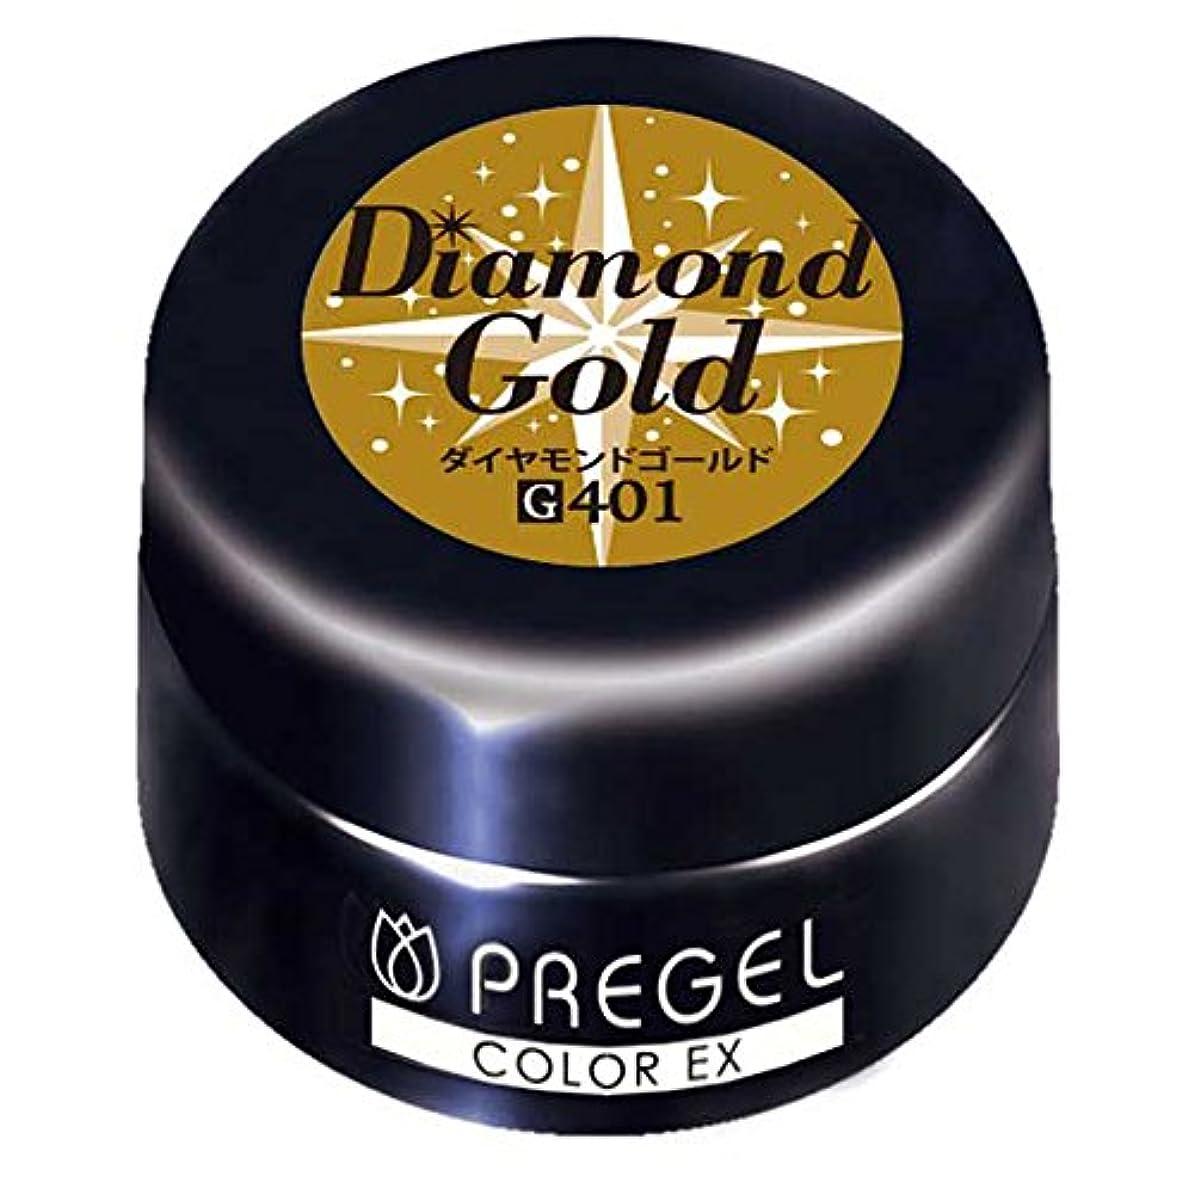 規則性証明する夫婦PRE GEL カラーEX ダイヤモンドゴールドCE401 UV/LED対応 カラージェル